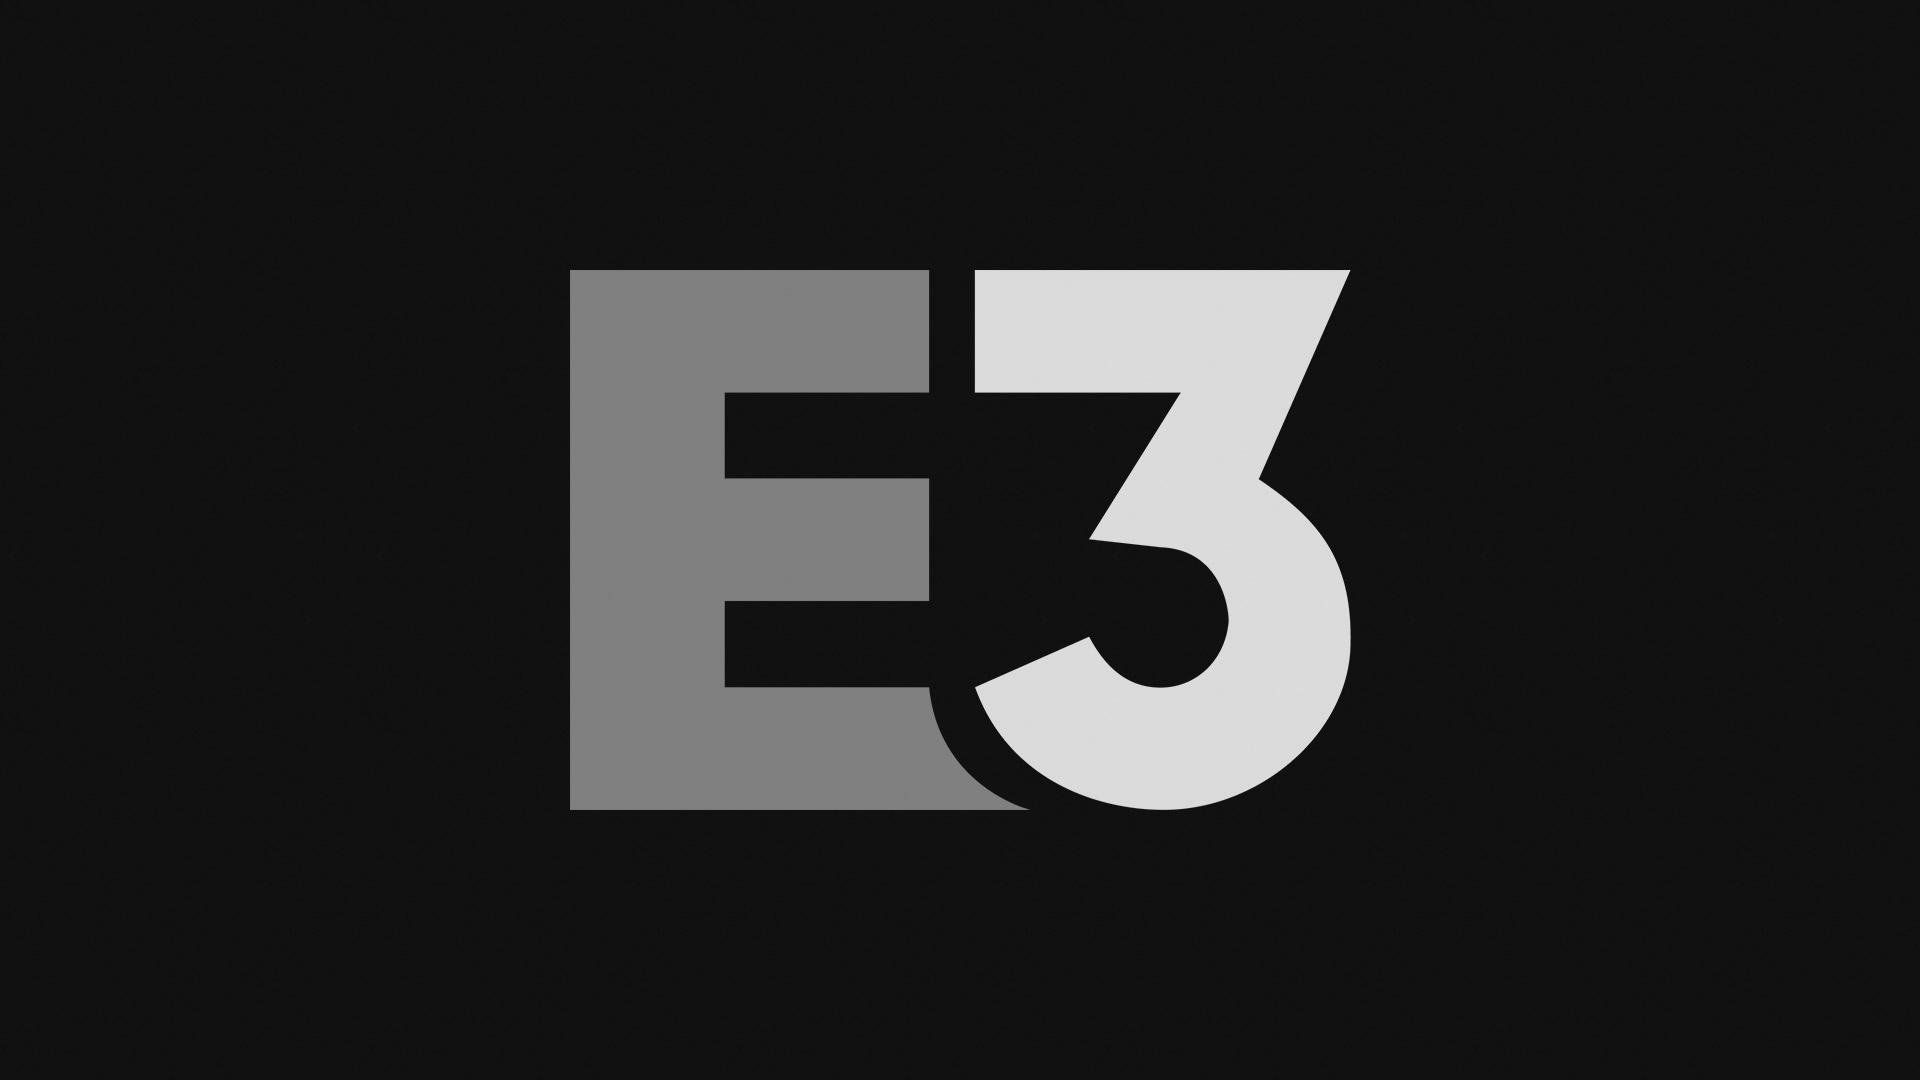 Przykra wiadomość dla fanów gier wideo - targi E3 nie odbędą się w tym roku nawet w formie transmisji online